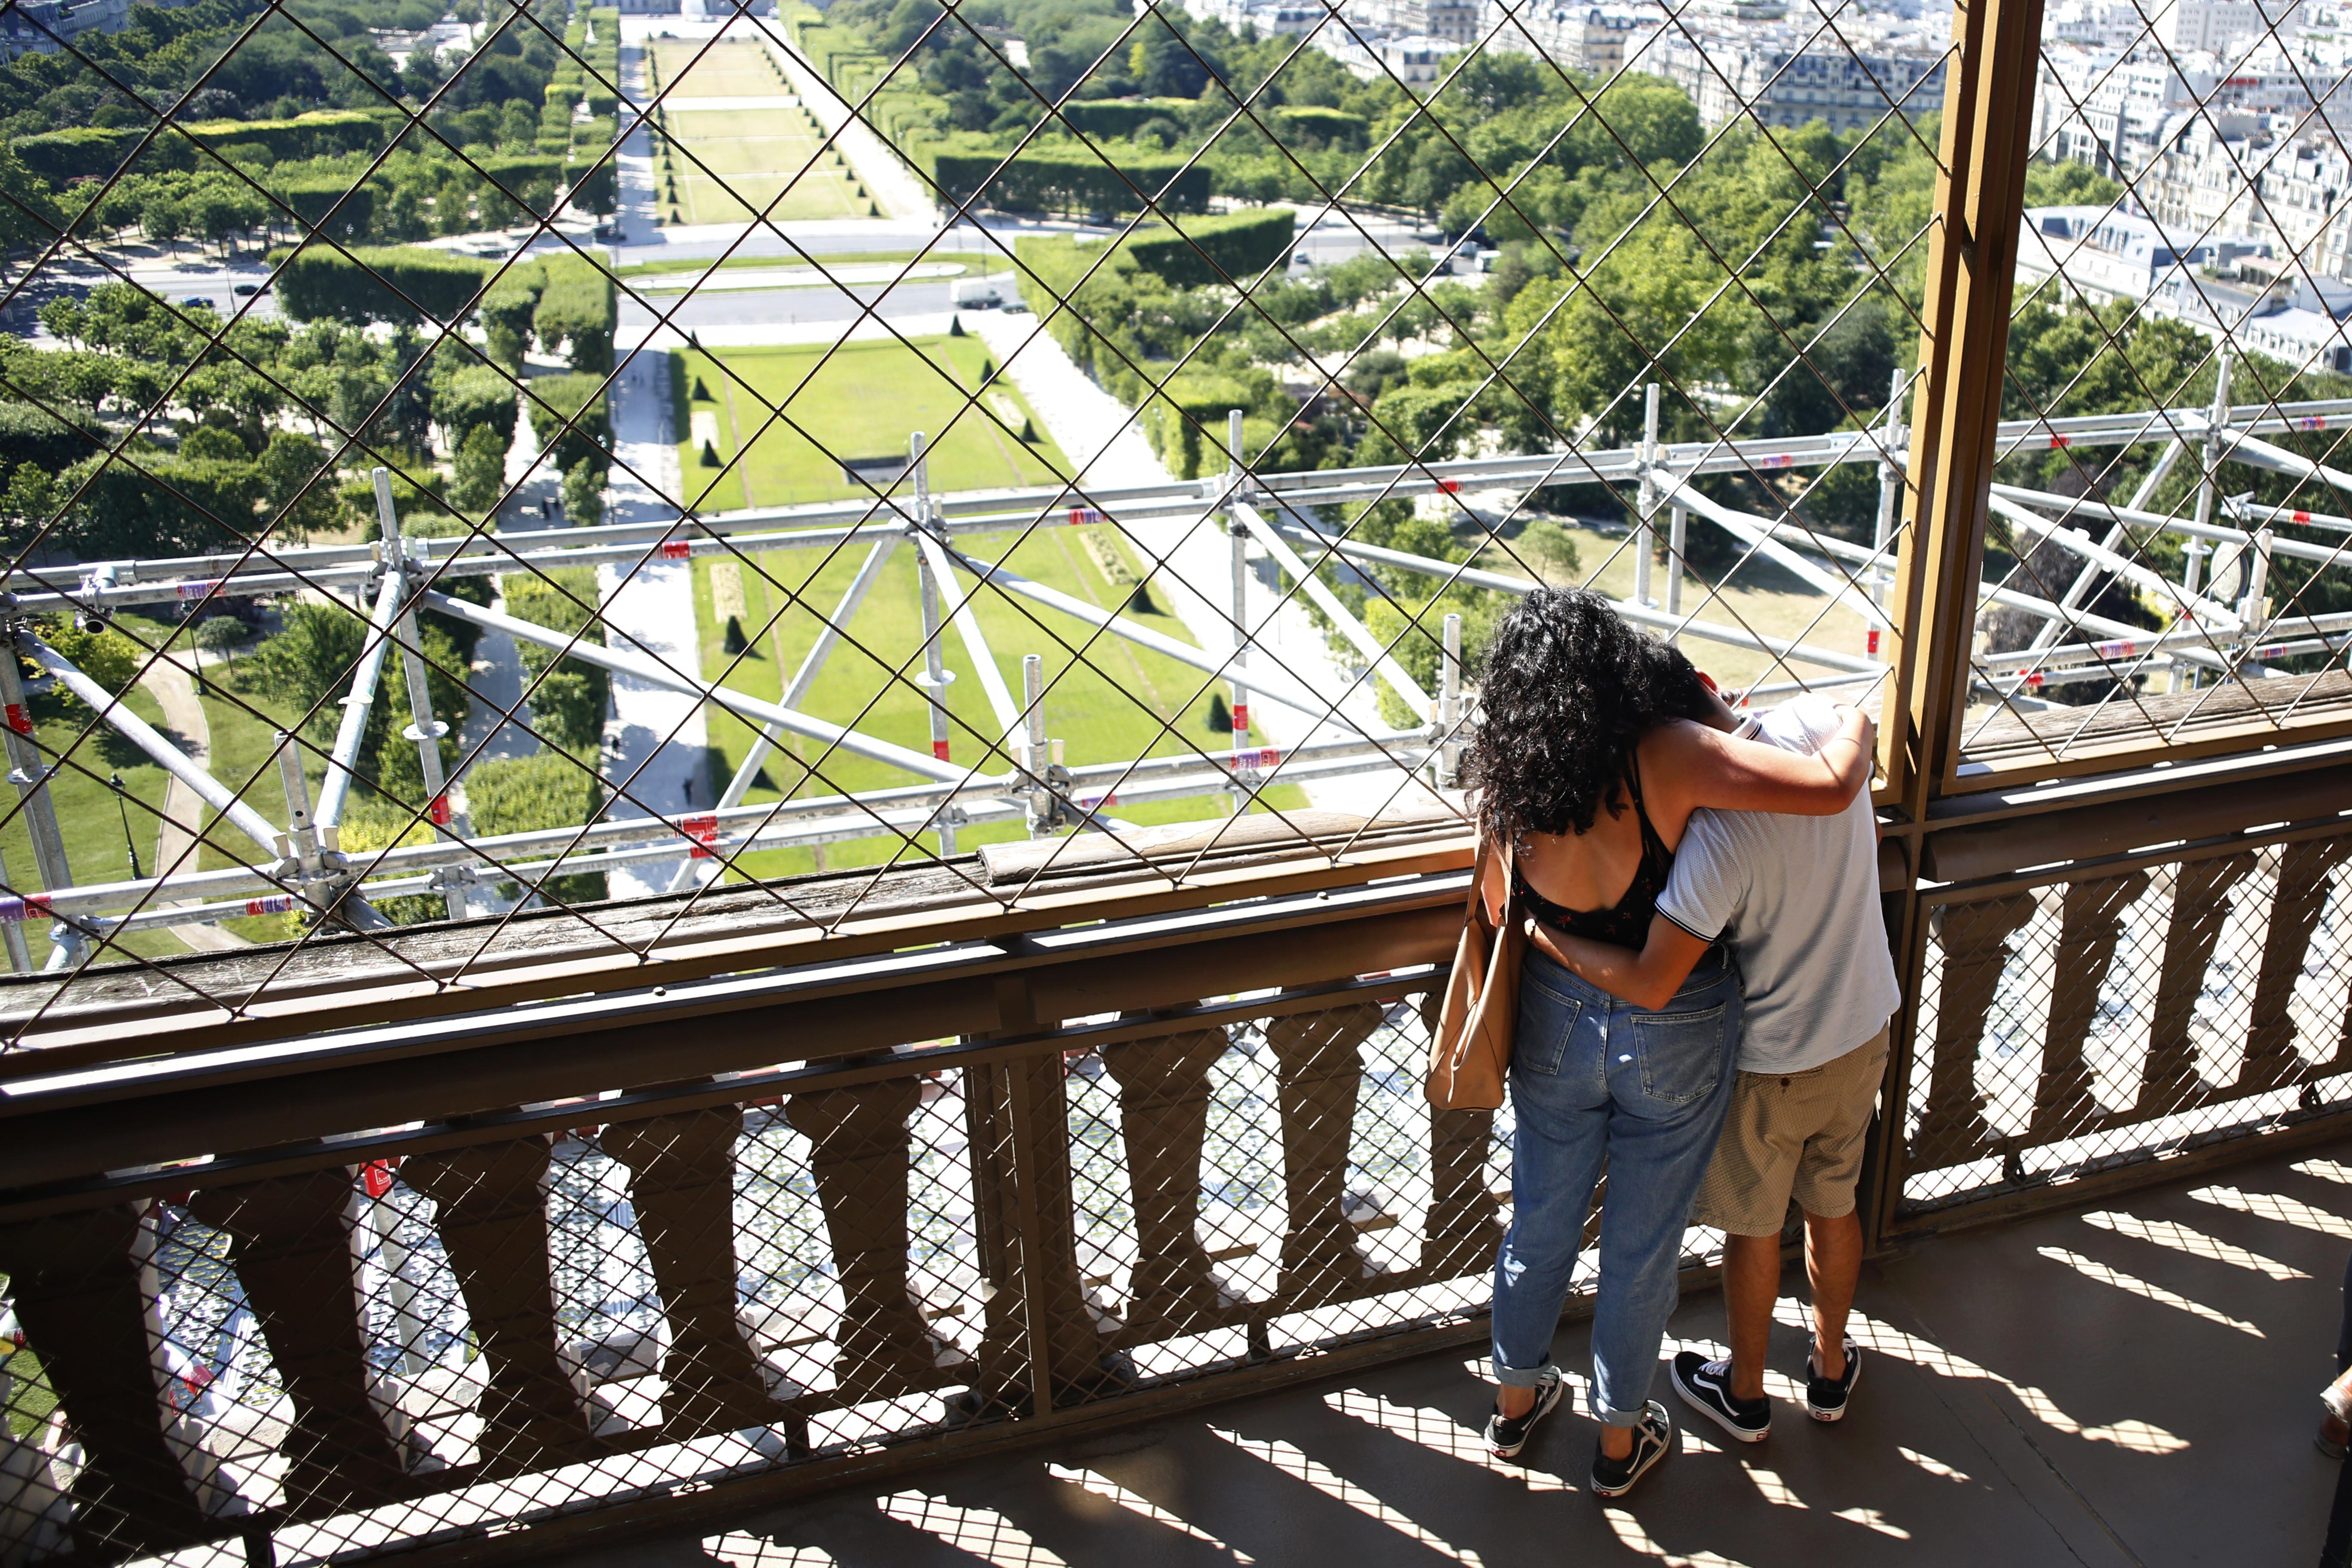 El cierre del monumento, el más largo desde la Segunda Guerra Mundial, provocó pérdidas de nueve milones de euros al mes (10,1 millones de dólares), según Patrick Branco Ruivo, el director general de la sociedad de explotación que gestiona el monumento construido en 1889. (AP /Thibault Camus)